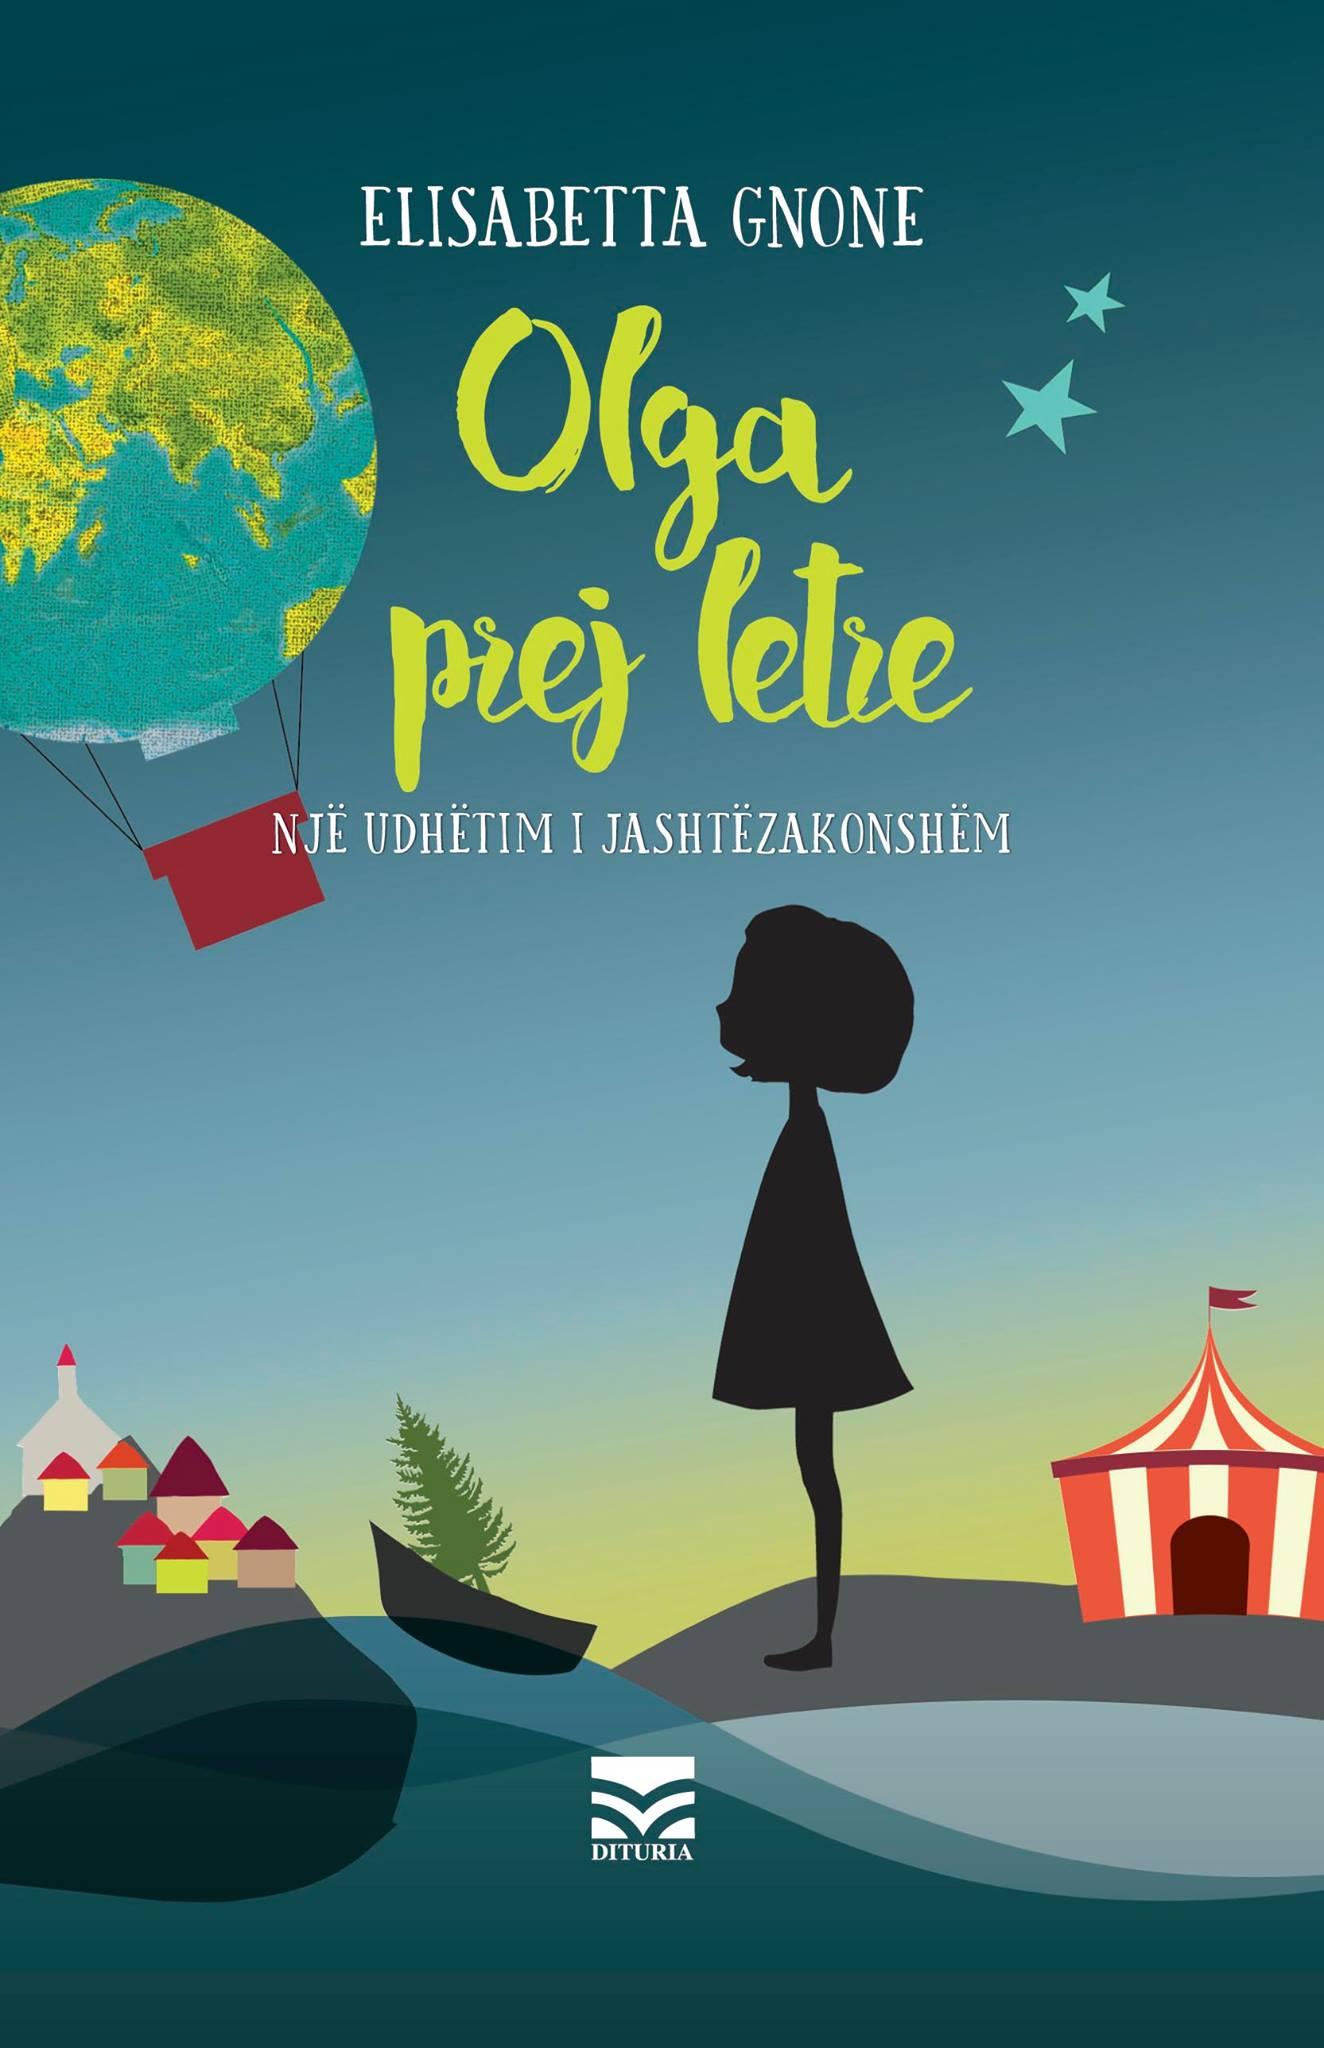 Olga prej letre